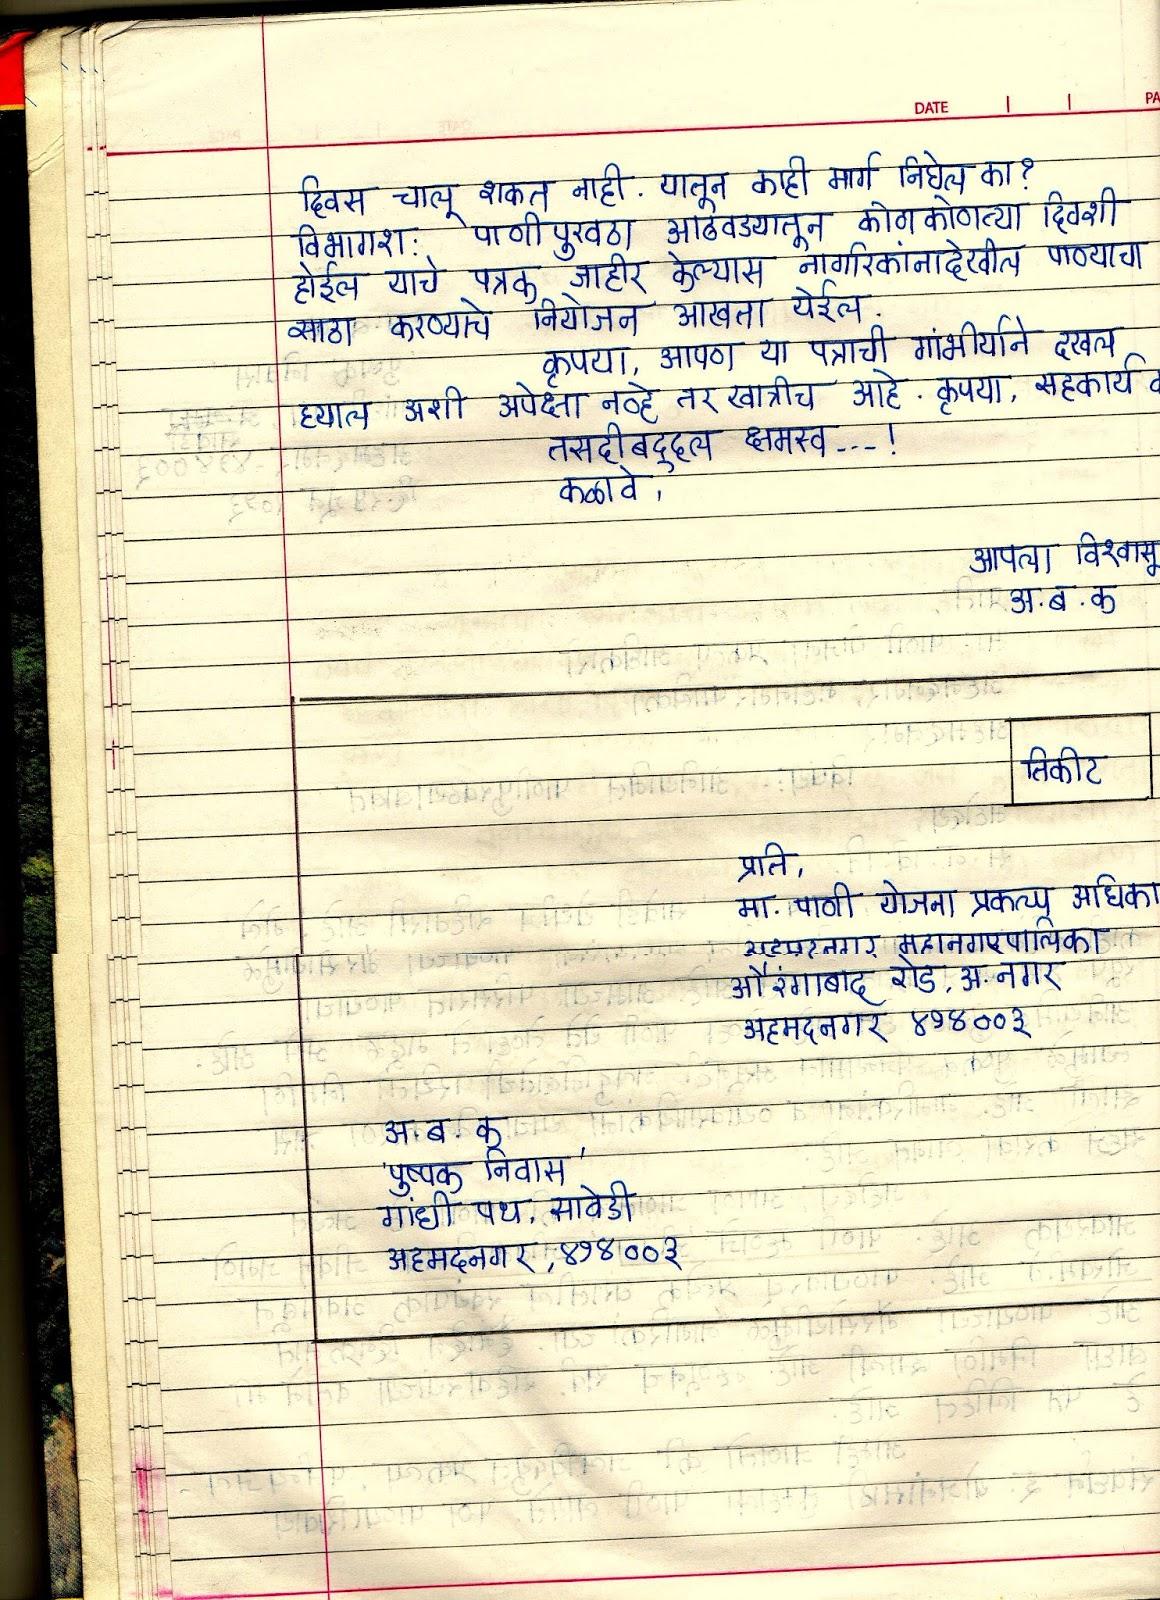 Police Complaint Letter Format In Marathi